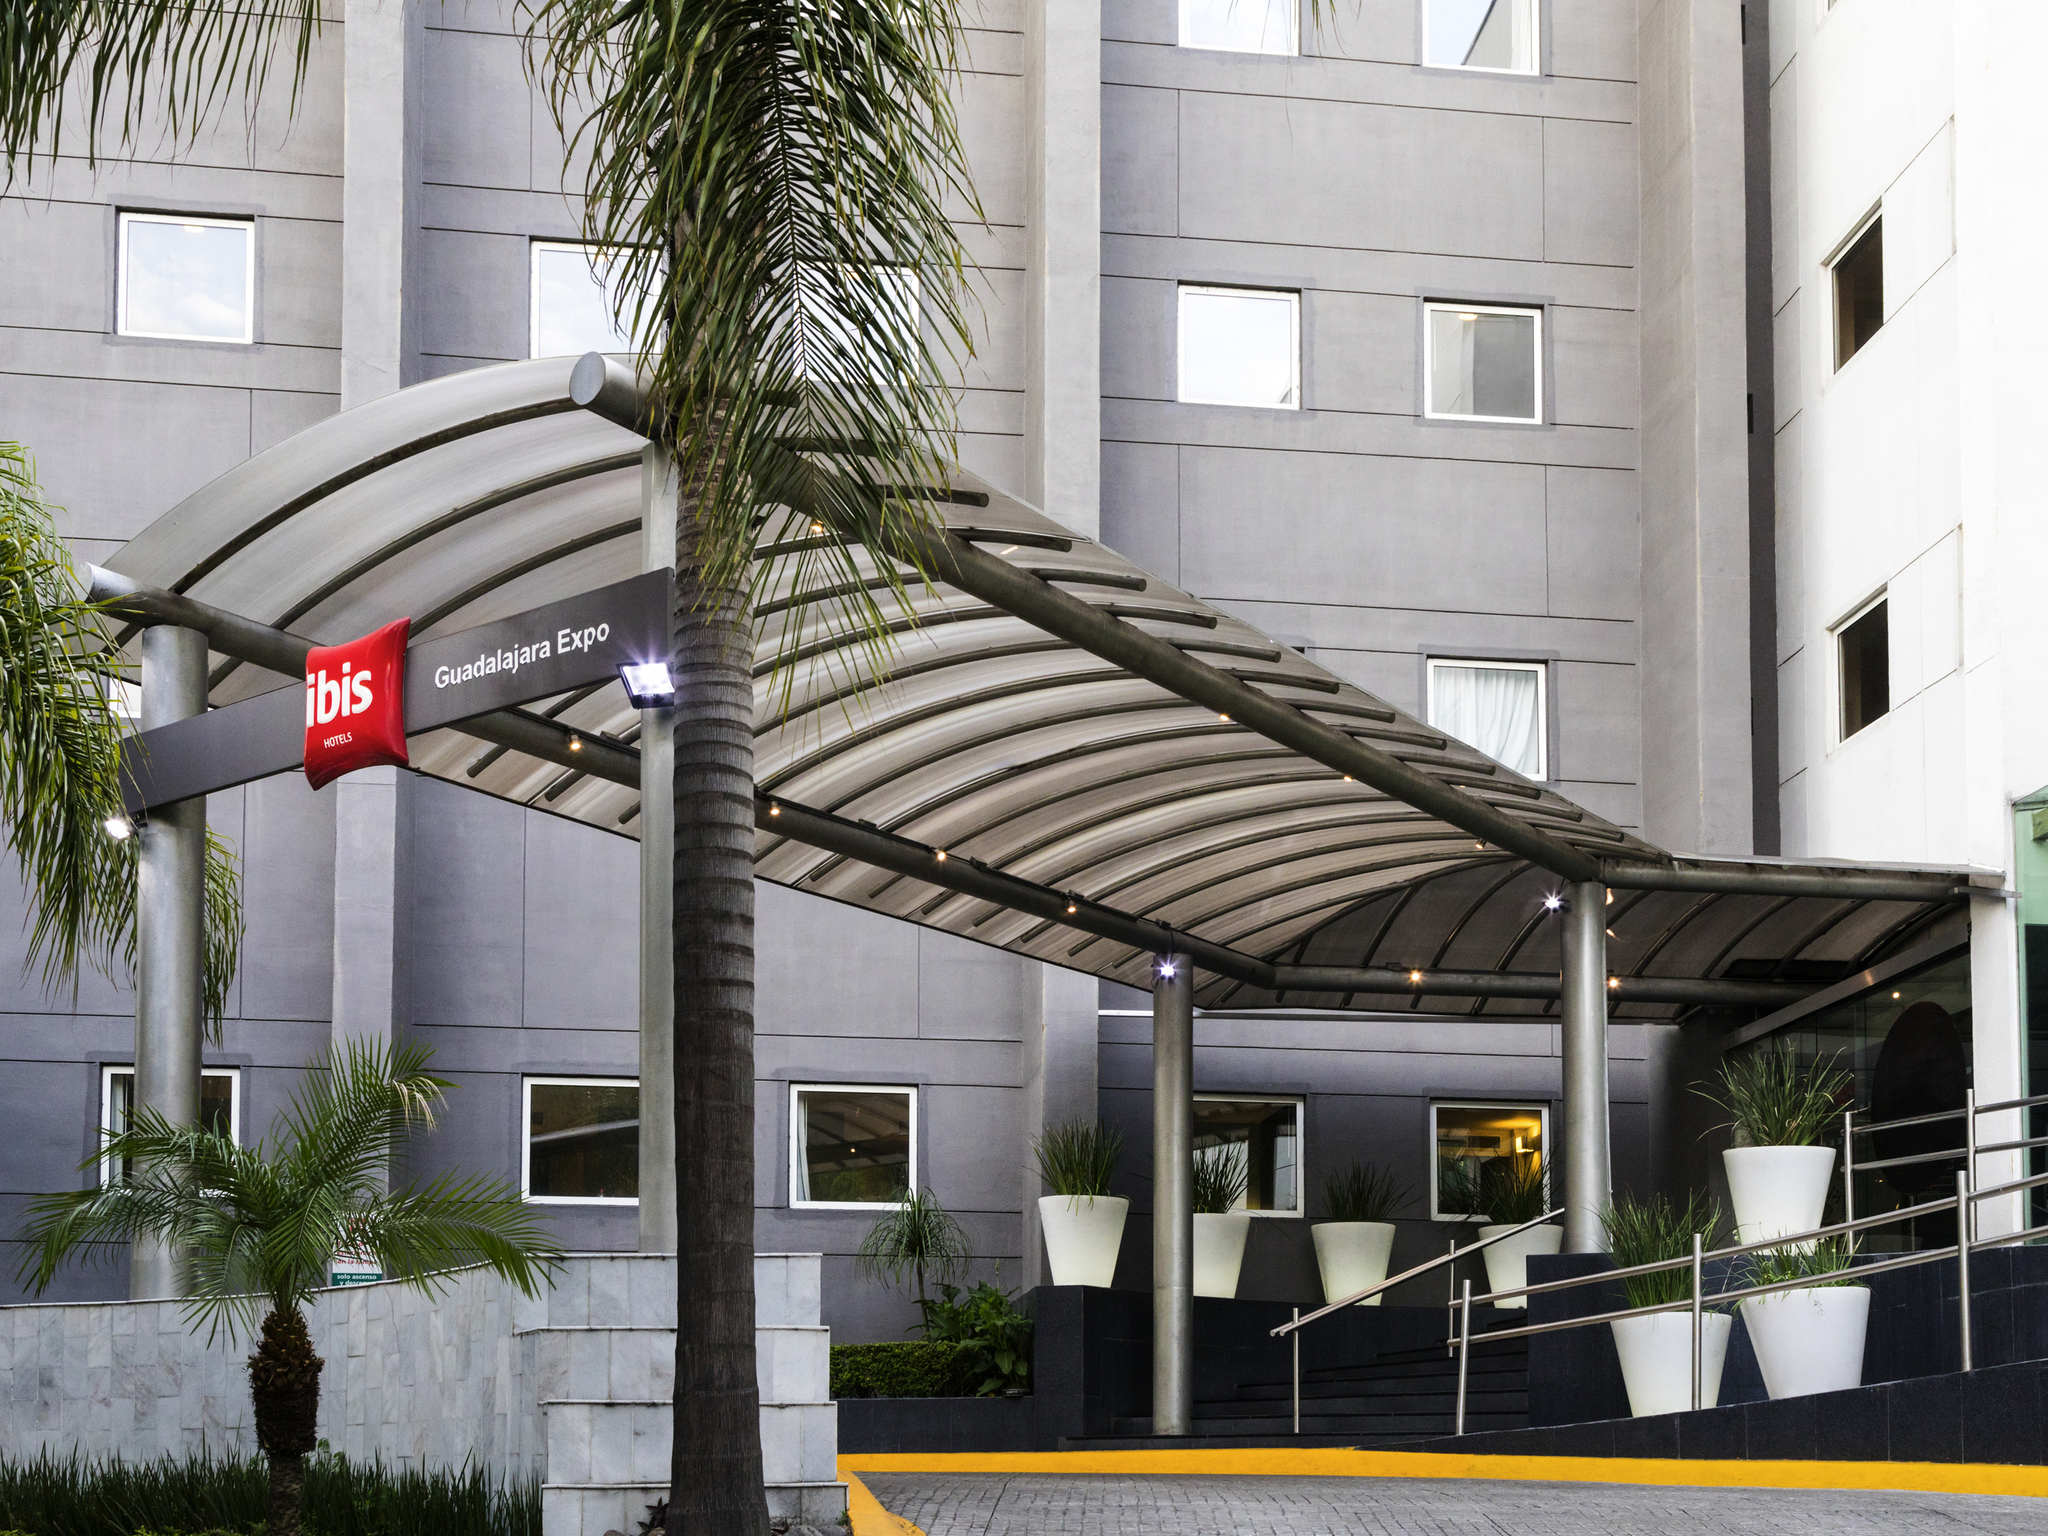 Hotel Ibis Guadalajara Expo